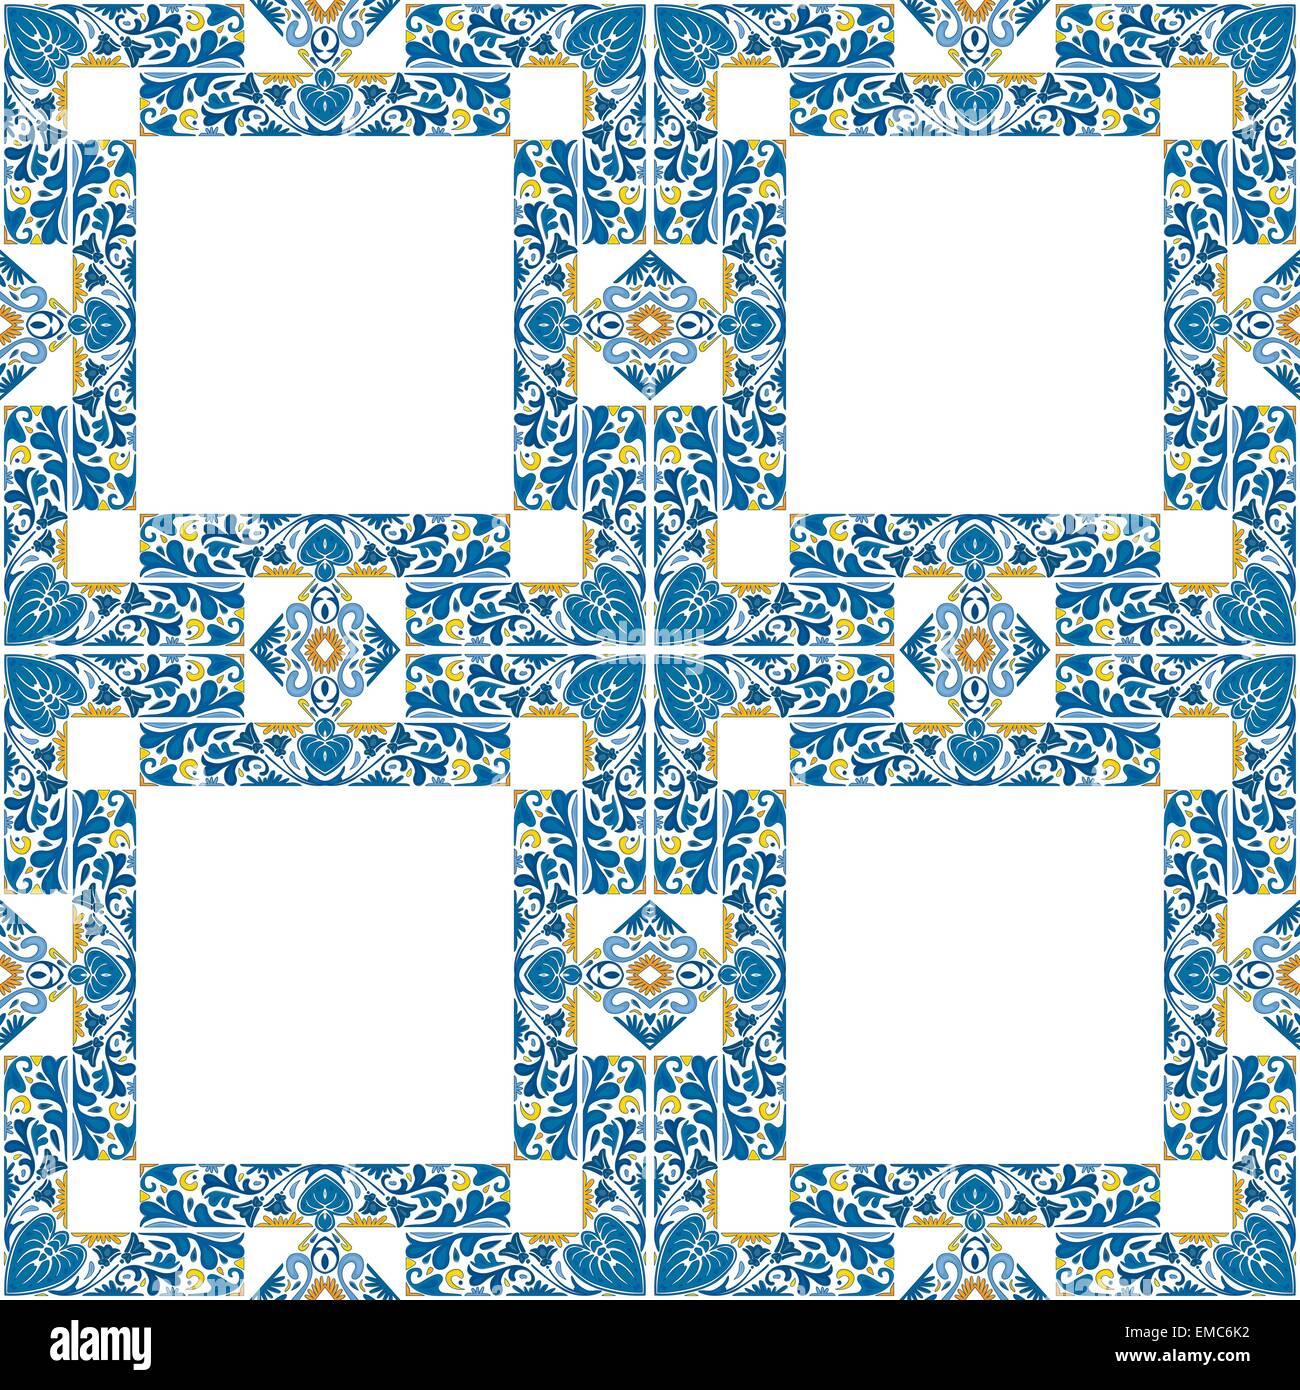 Portuguese tiles - Stock Vector